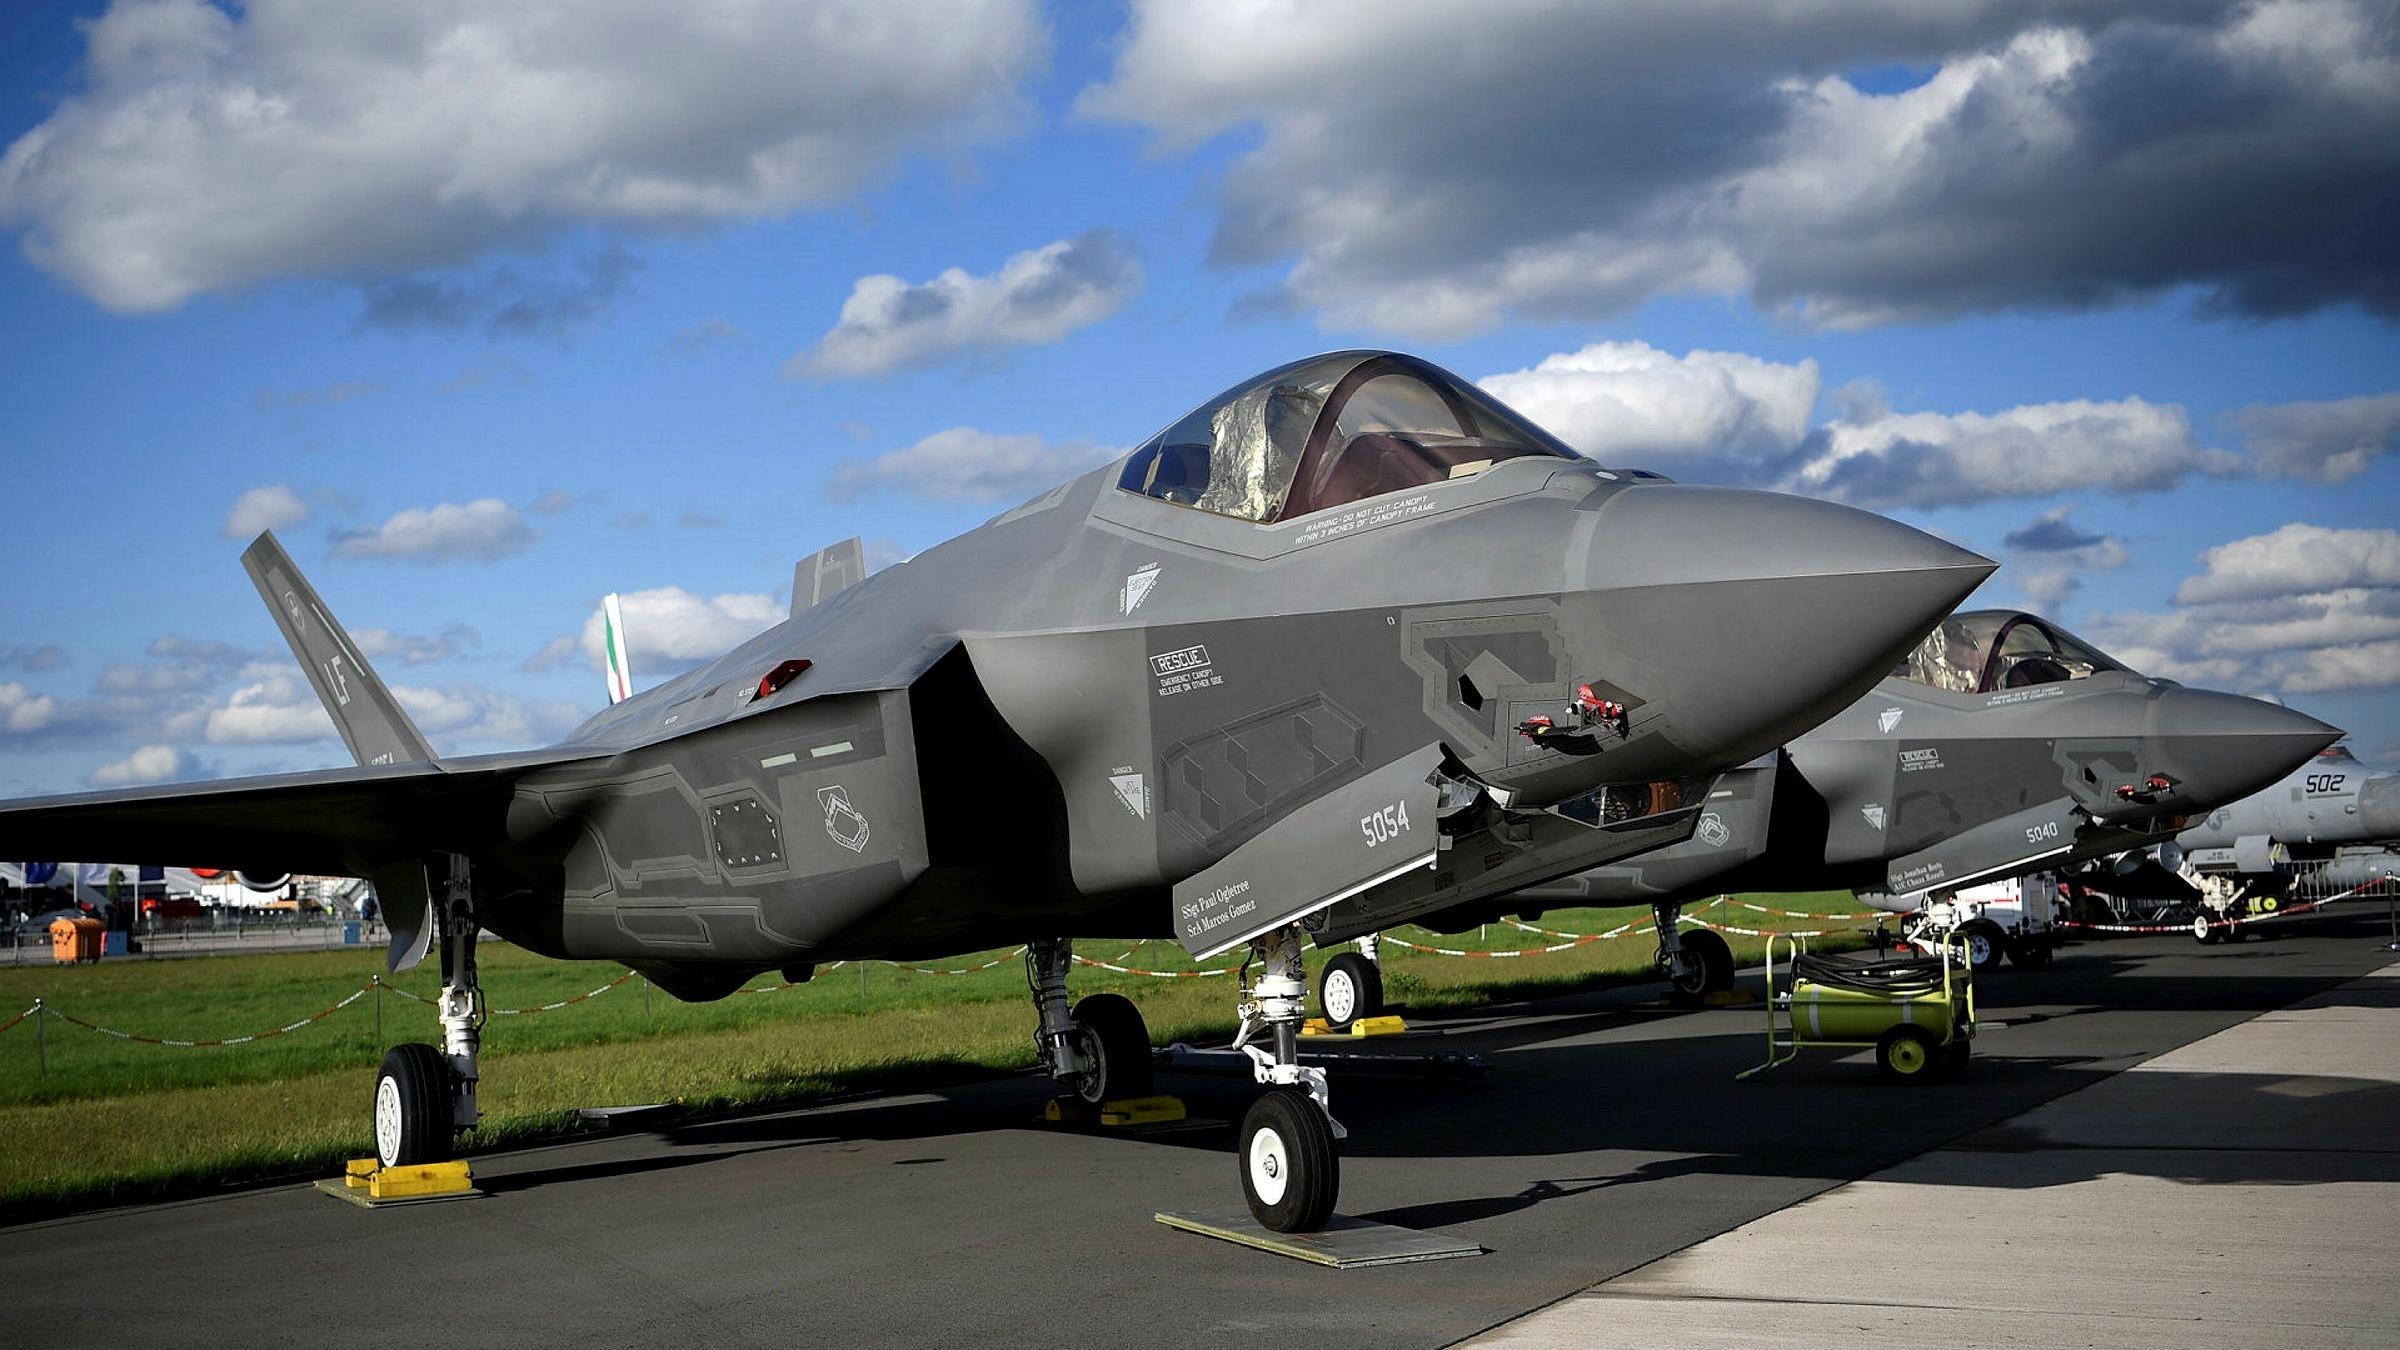 Oui, le chasseur furtif F 35 est désormais ouvert à tous pour le piloter. Voici comment